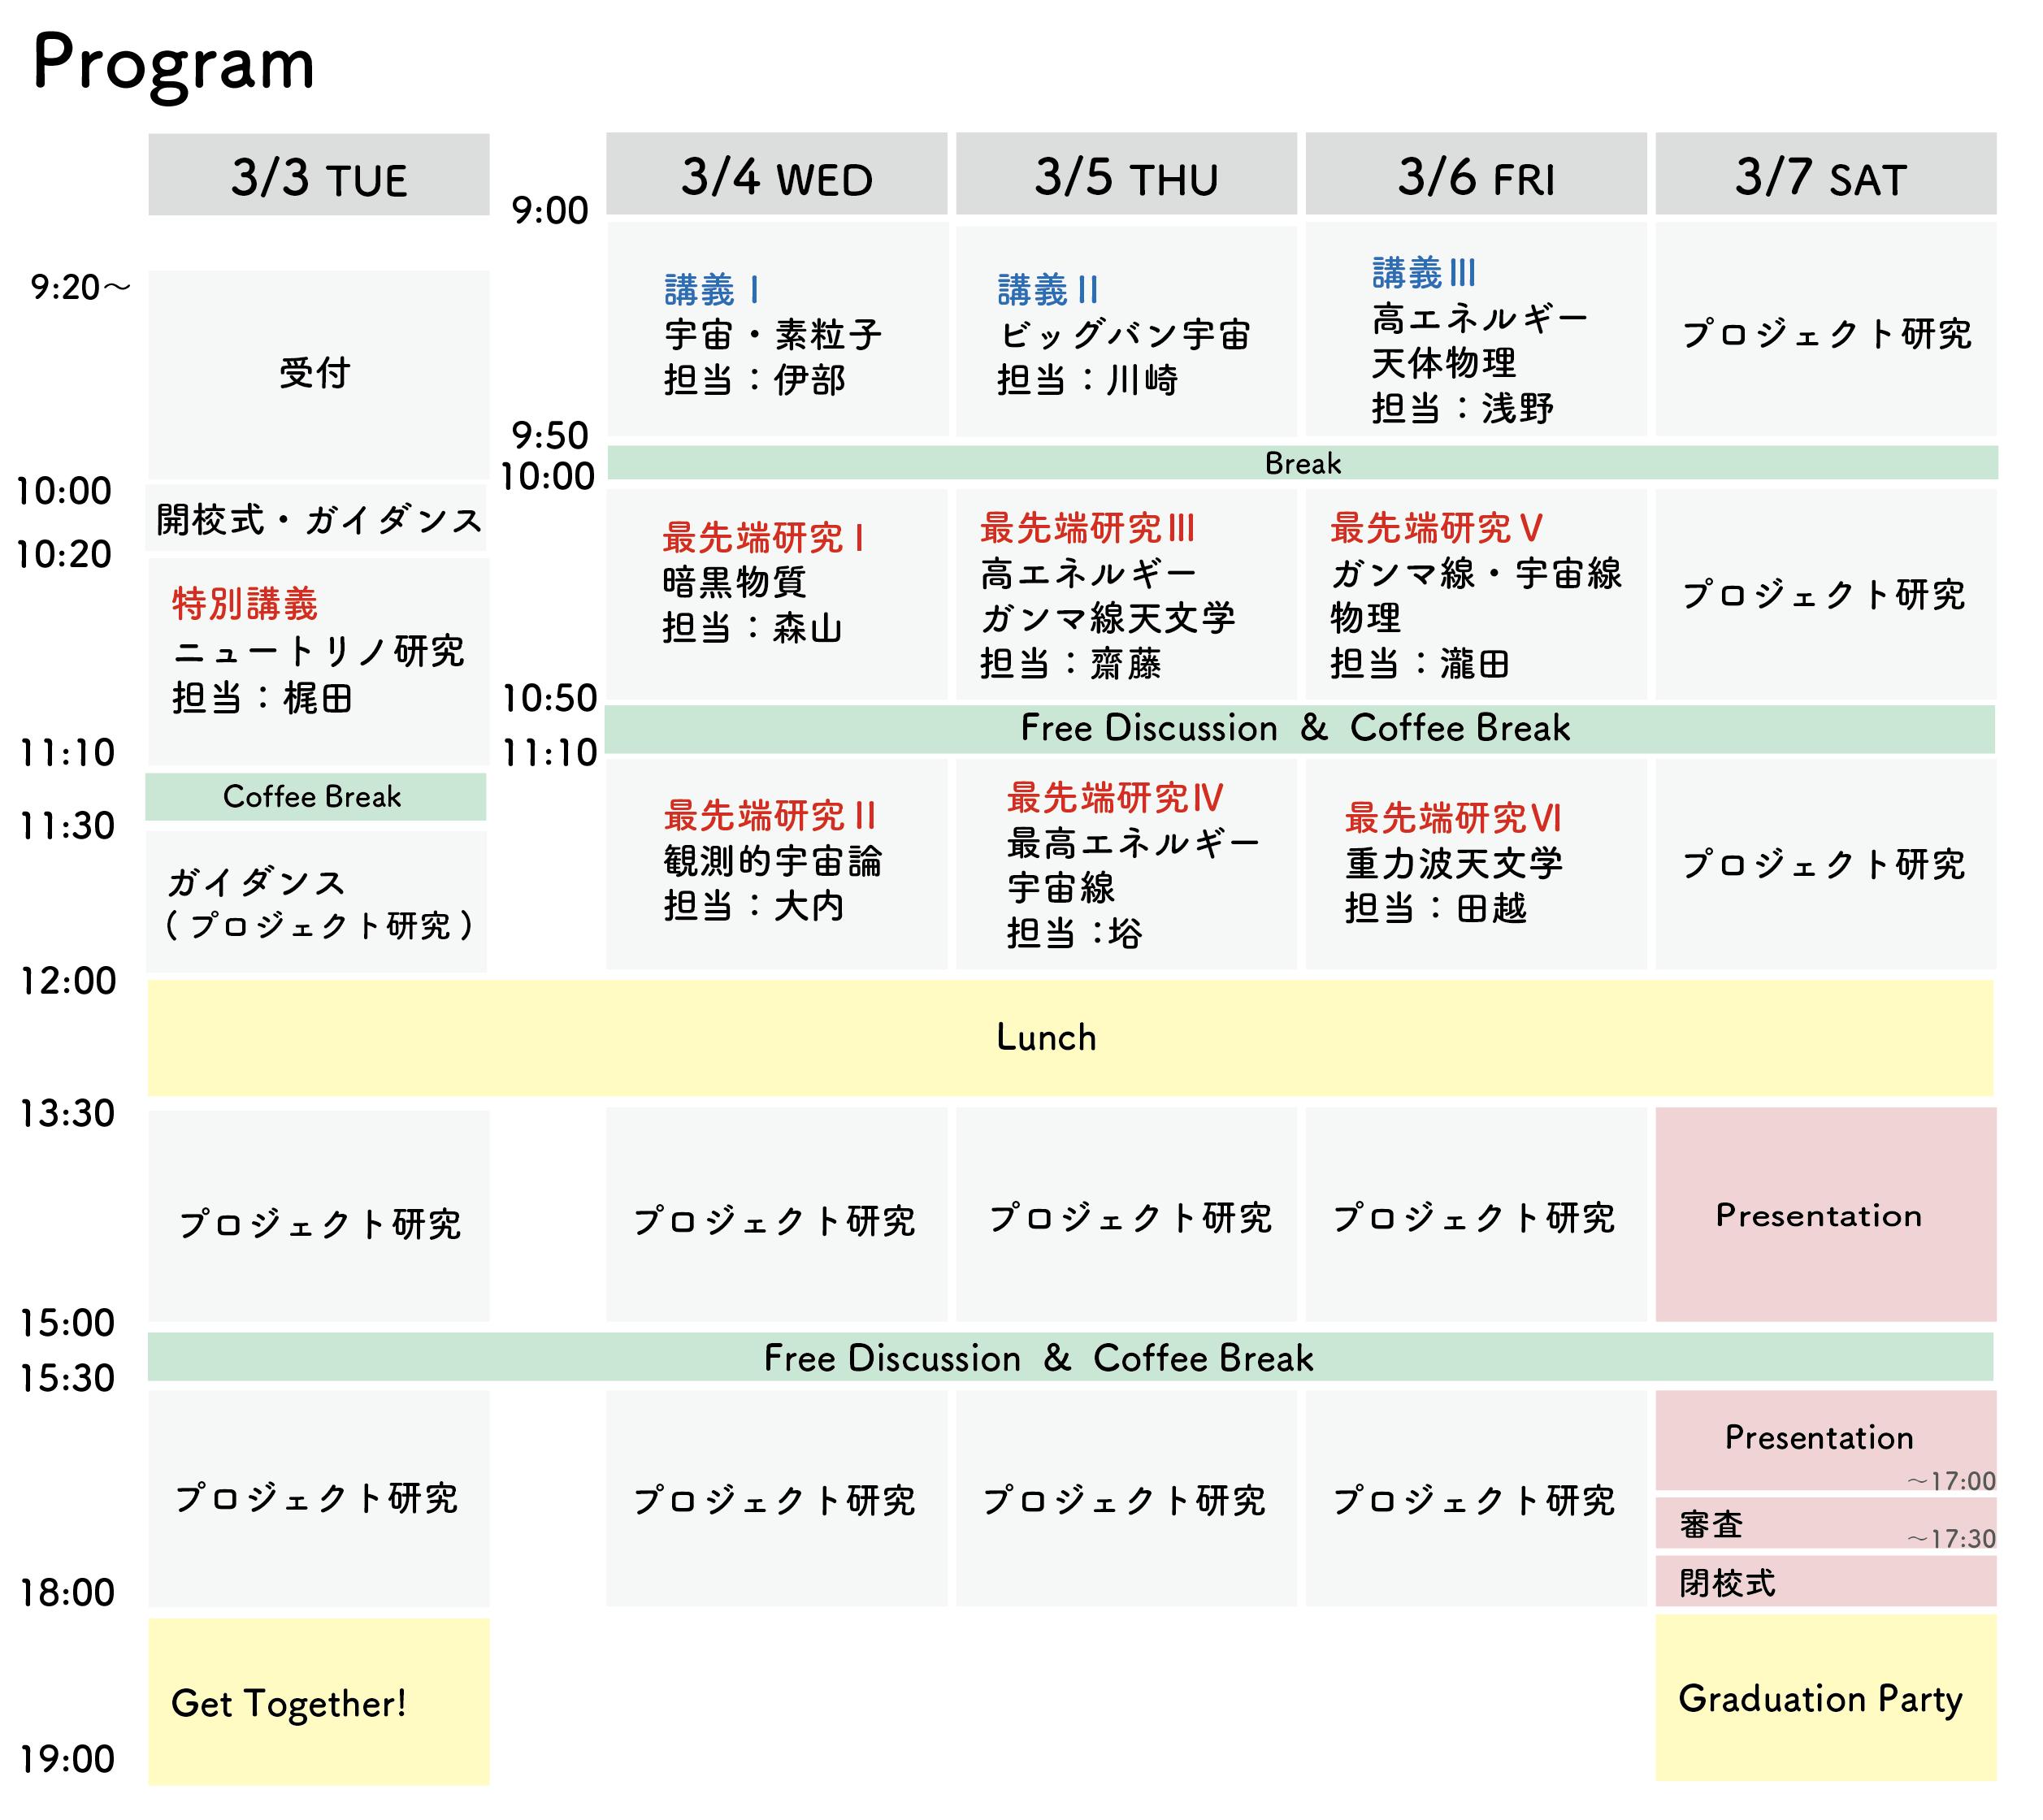 (注)こちらの講義スケジュールは現在の予定で、講師の都合により、直前で変更となる可能性があります。あらかじめご承知ください。